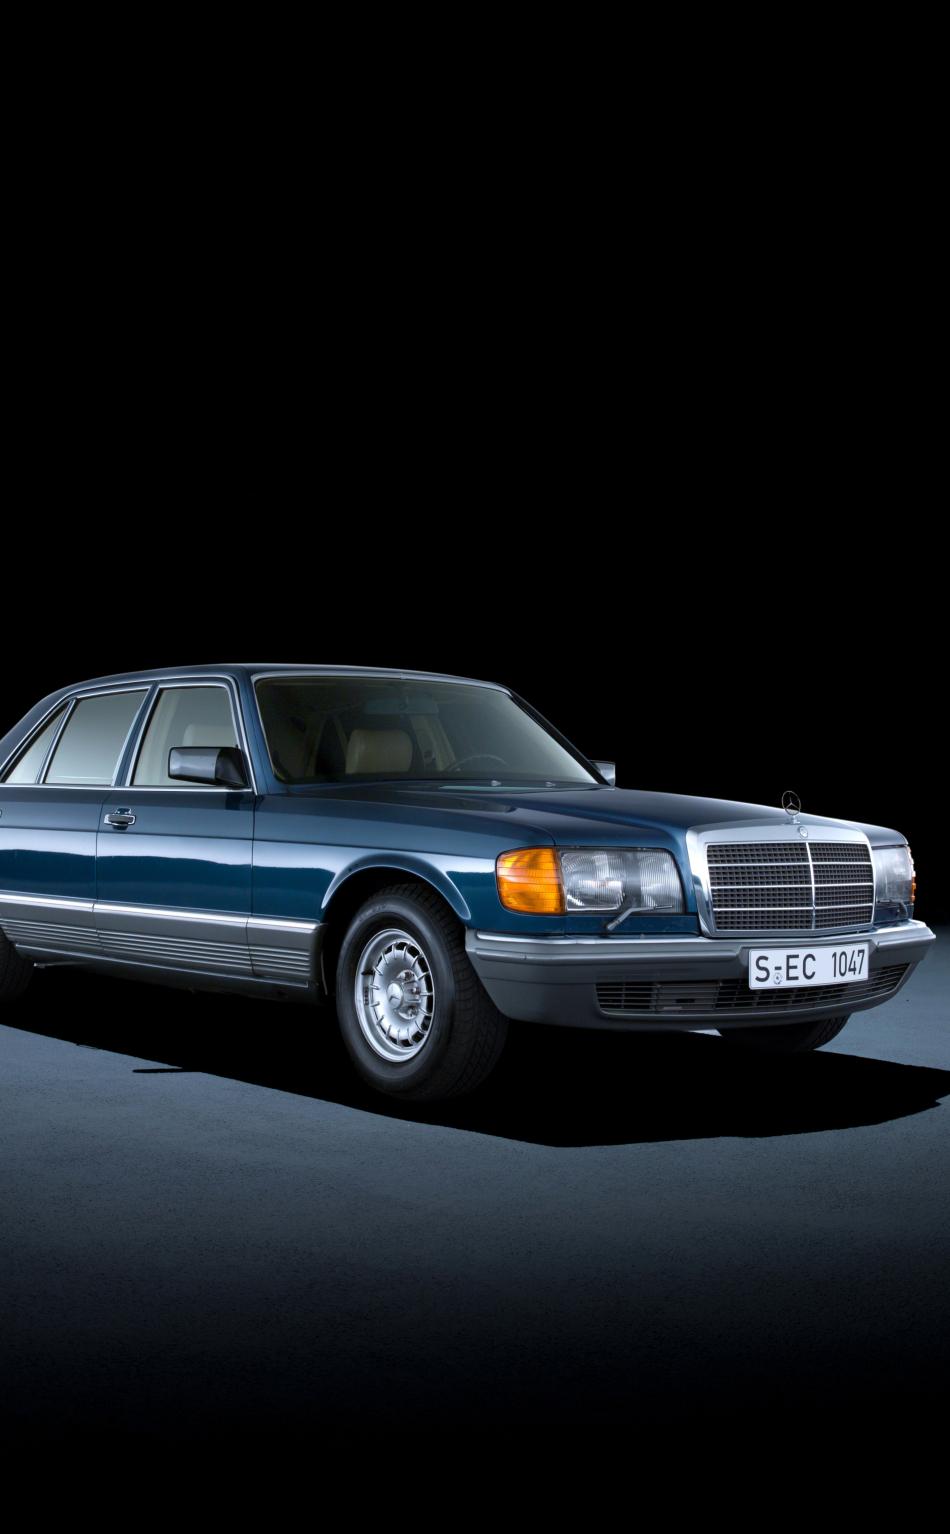 Mercedes benz retro 1980 85 500 sel blue hd 4k wallpaper for 85 mercedes benz